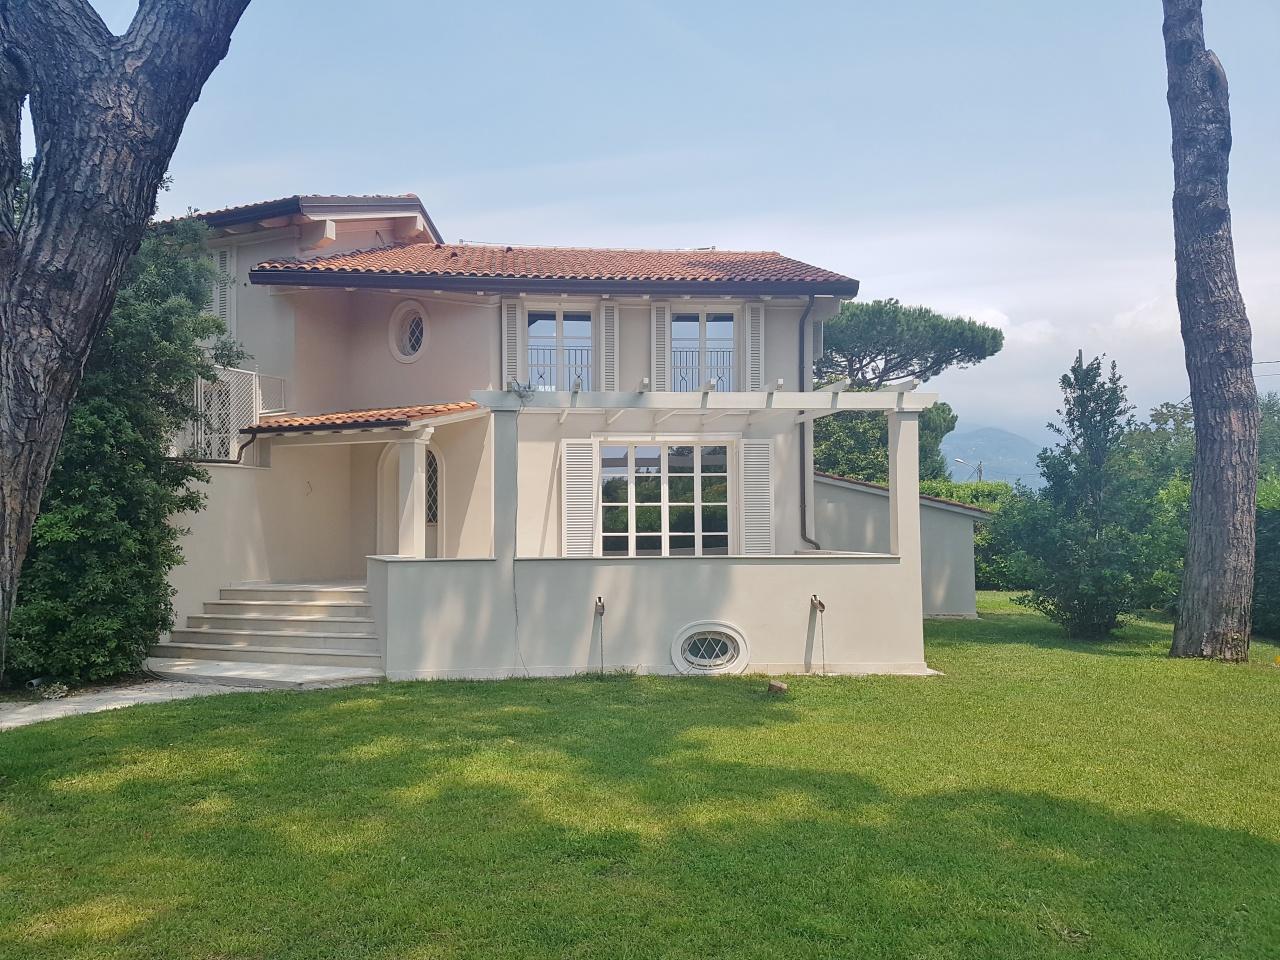 Villa in vendita a Pietrasanta, 4 locali, prezzo € 950.000 | PortaleAgenzieImmobiliari.it